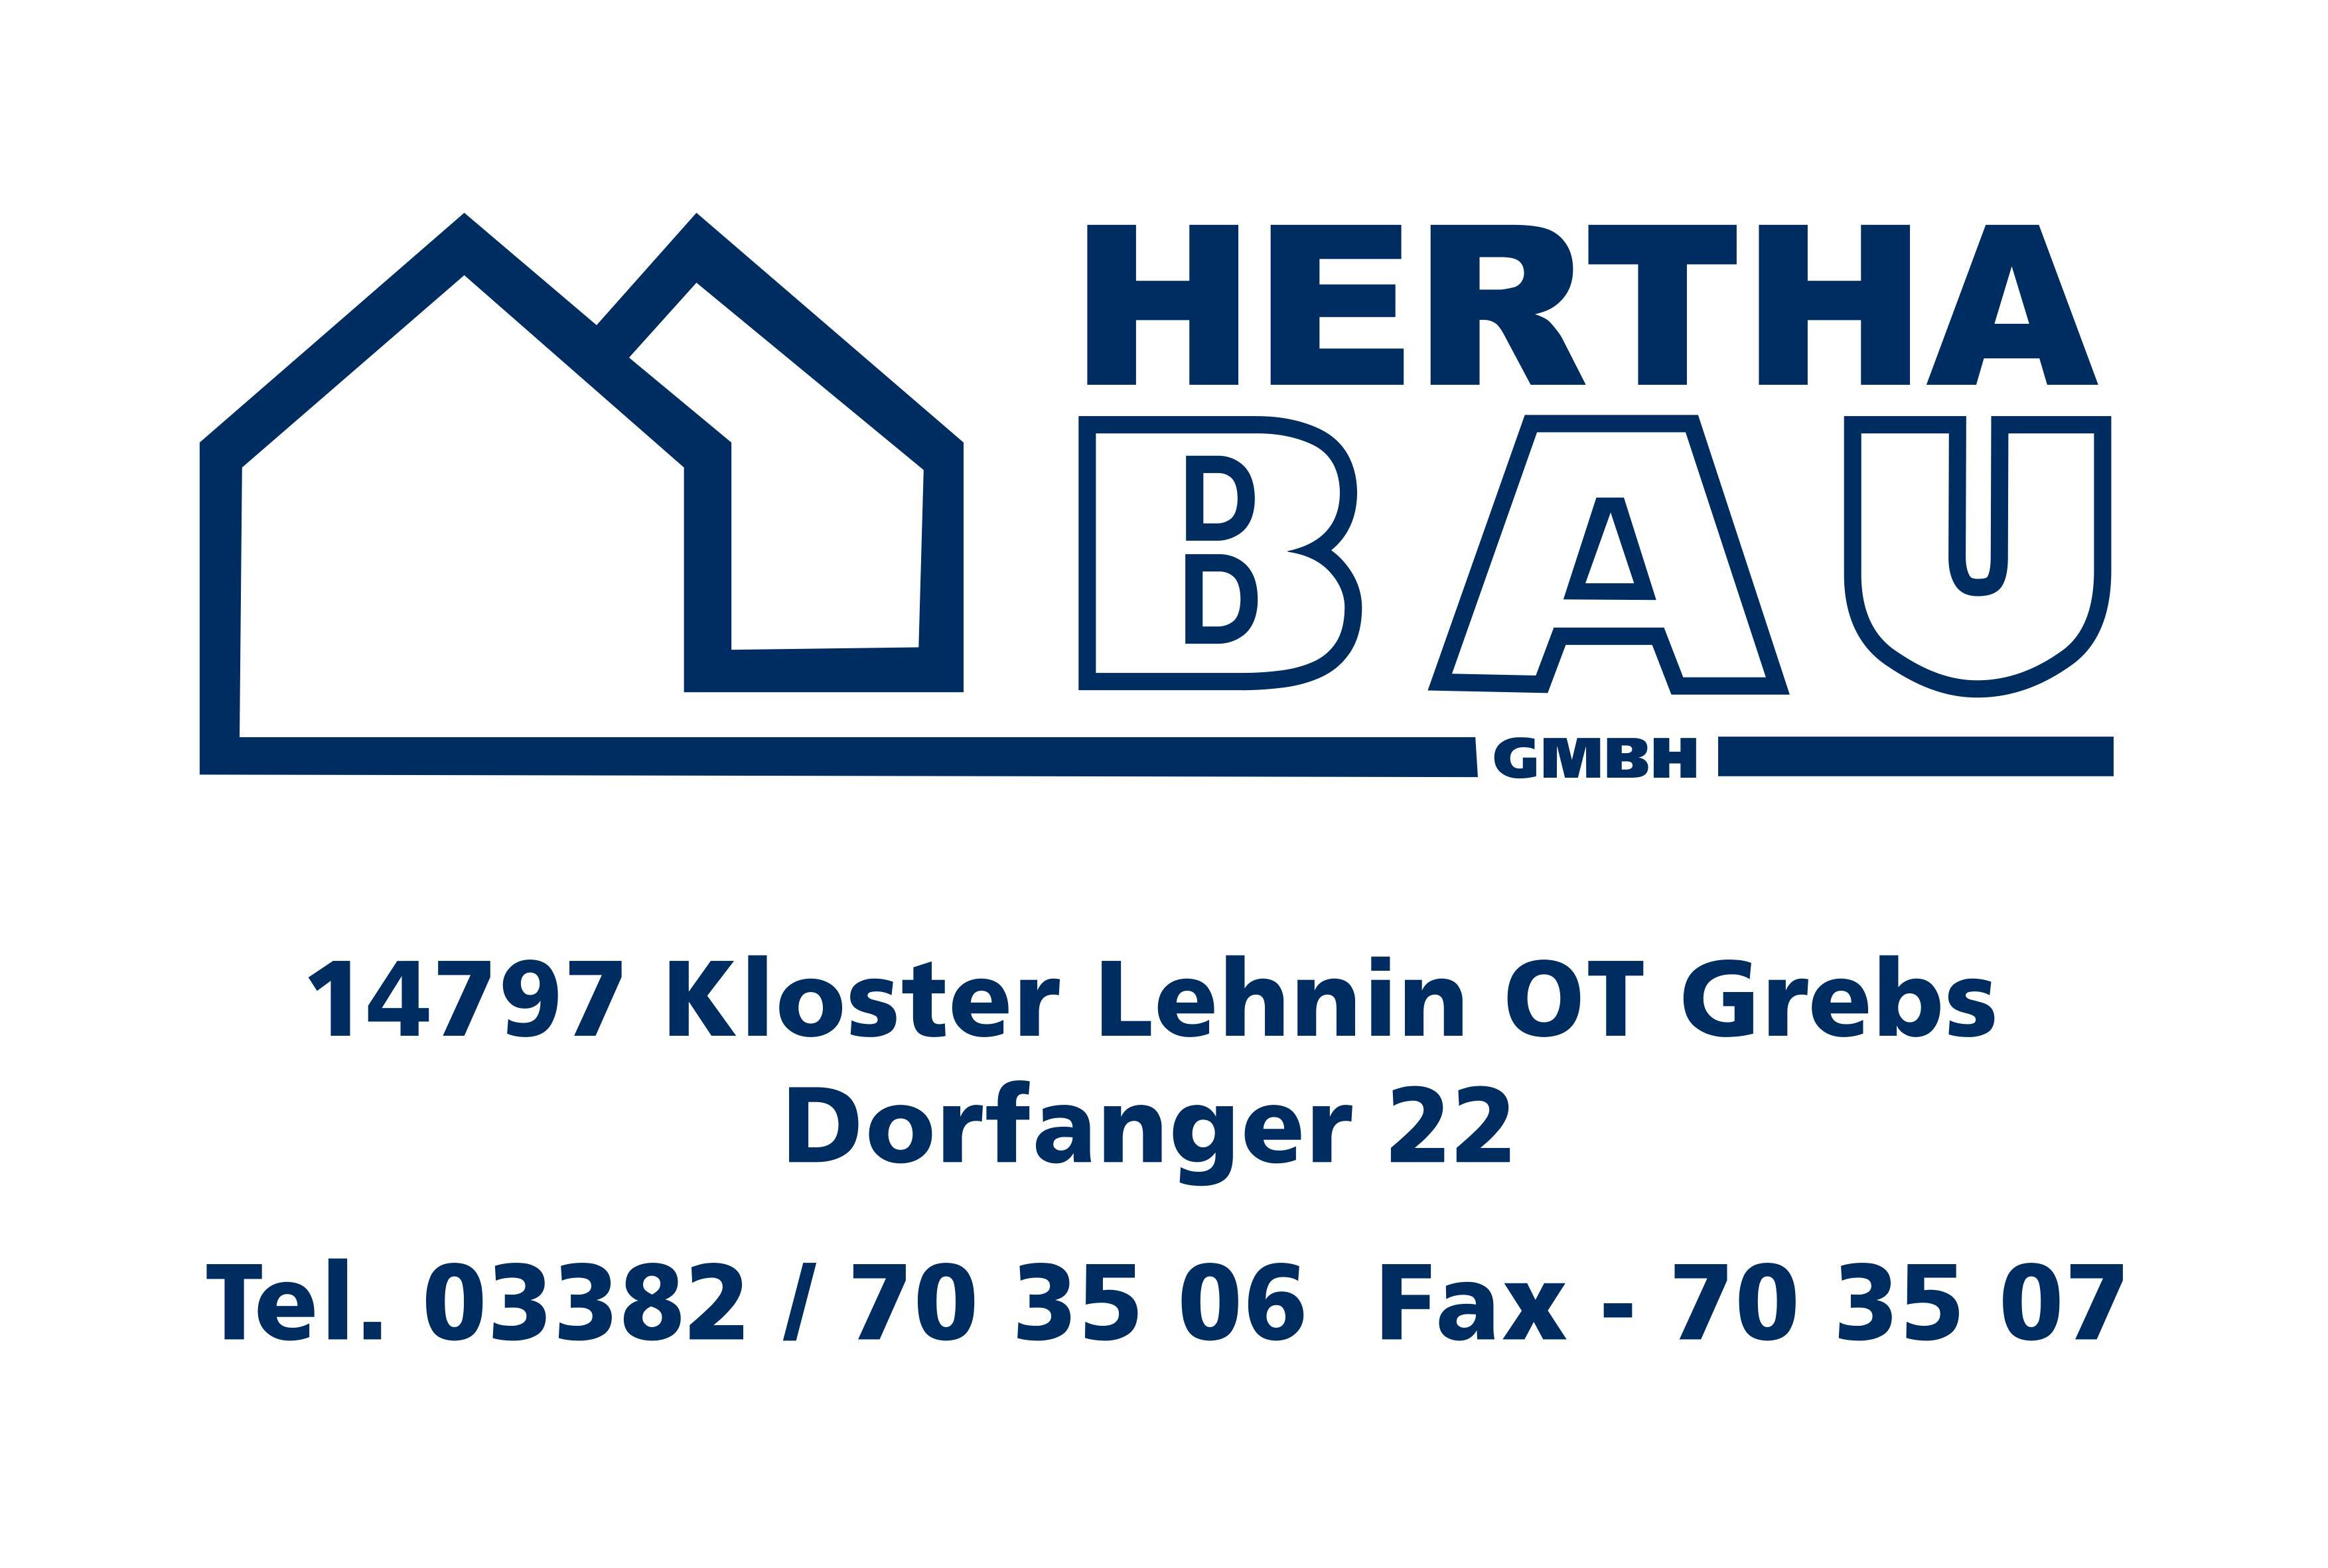 Hertha Bau Logo